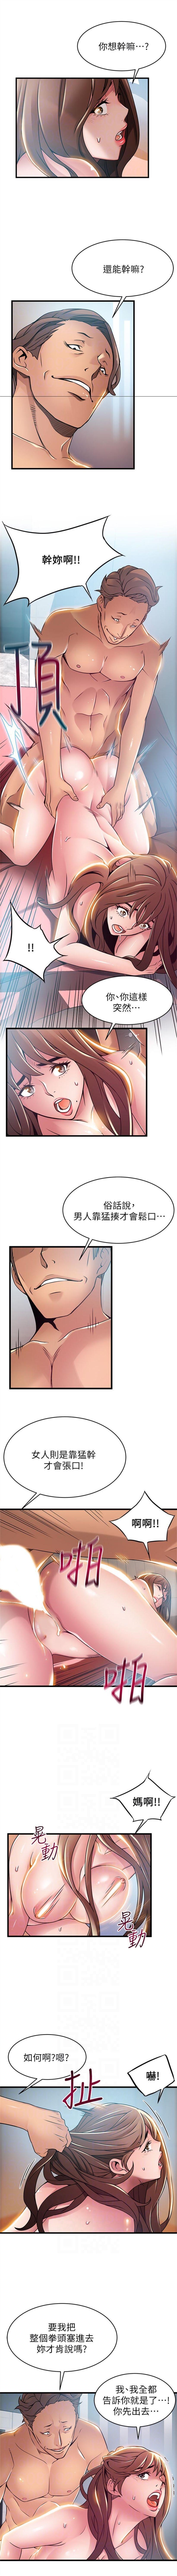 (周7)弱点 1-66 中文翻译(更新中) 262